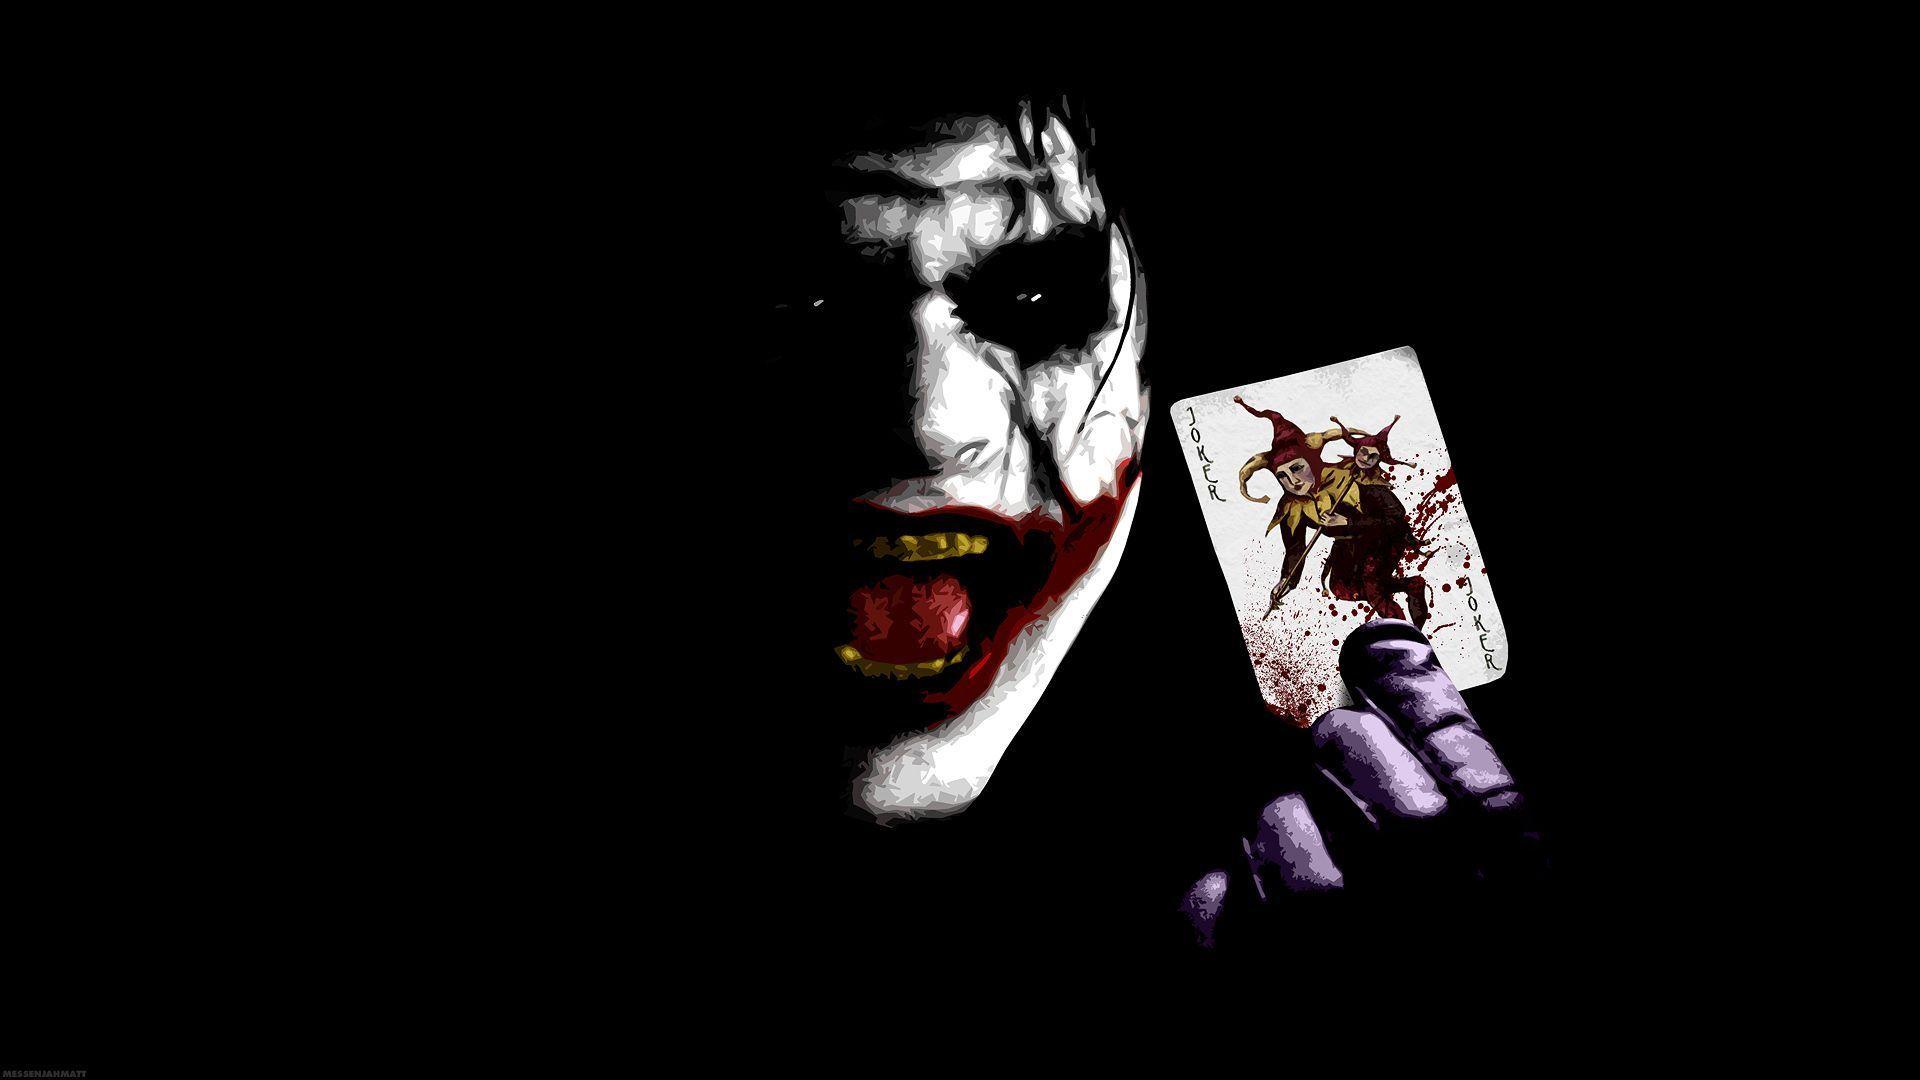 Wallpapers For Batman Joker Wallpaper Widescreen